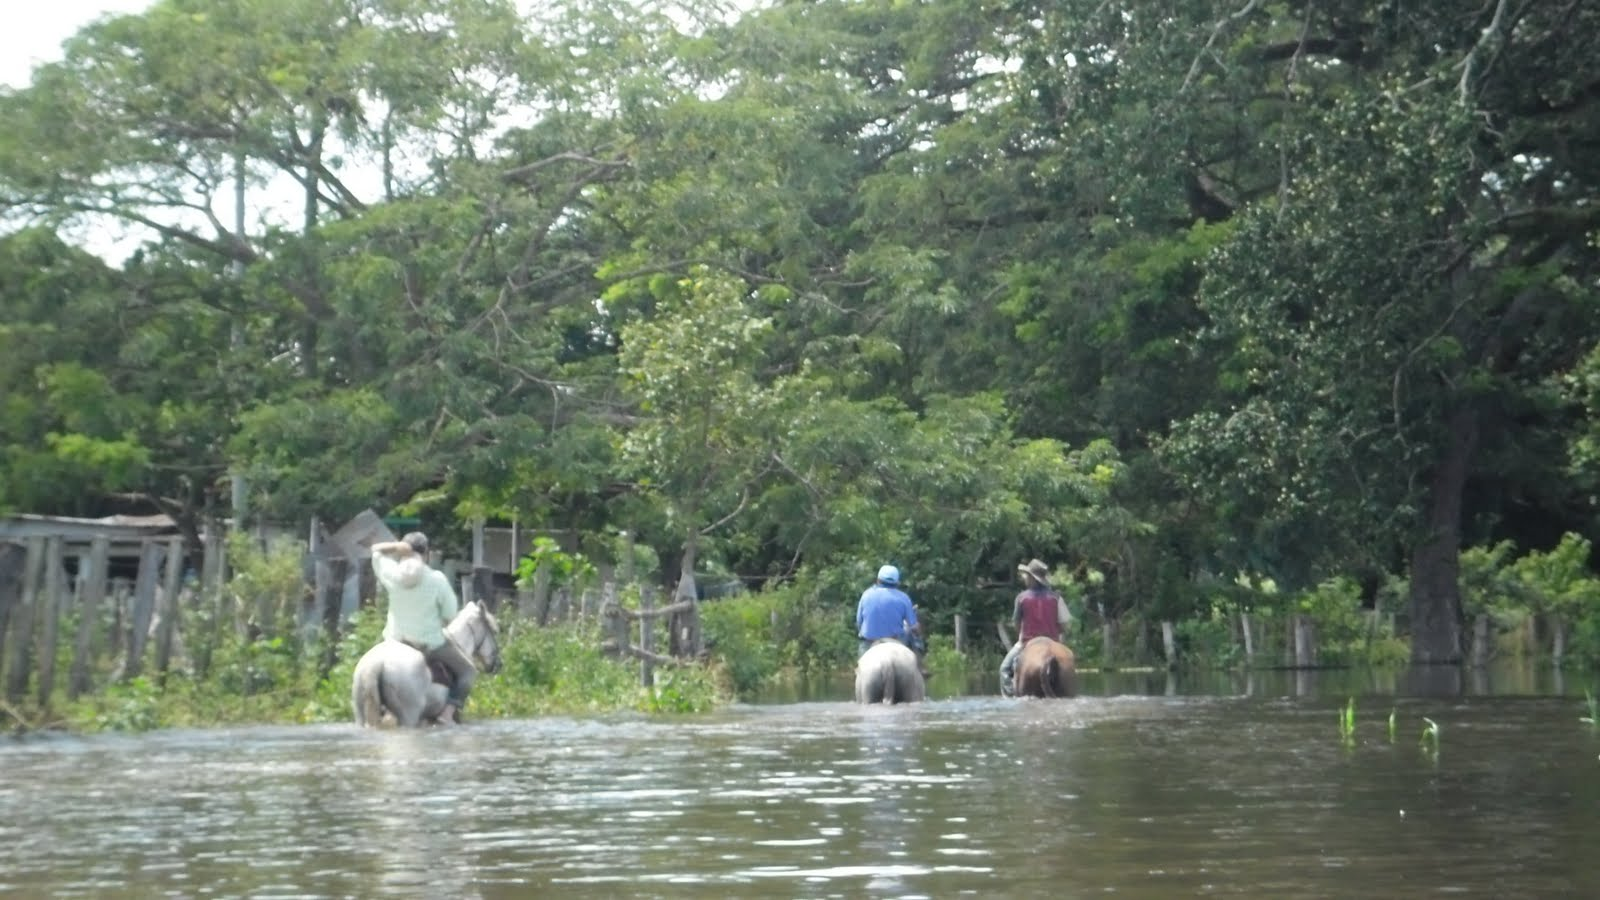 en verano el llanero trata de llevar el ganado a sitios mas húmedos con pasto fresco; en invierno, debe igualmente sacarlo de los hatos pues se les